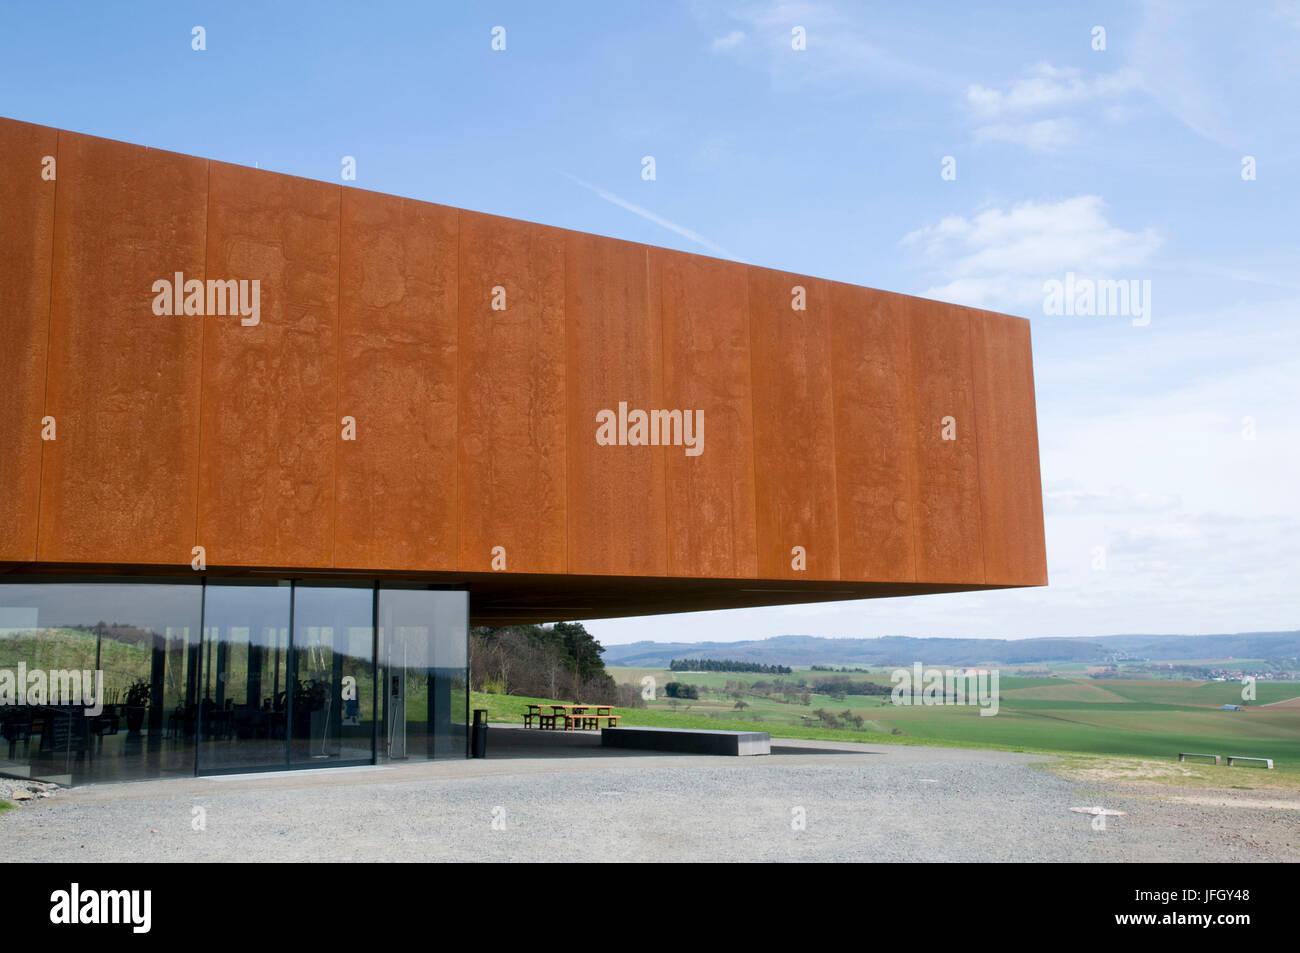 Celtic world Glauberg, Vogelsberg, Hessen, Germany - Stock Image